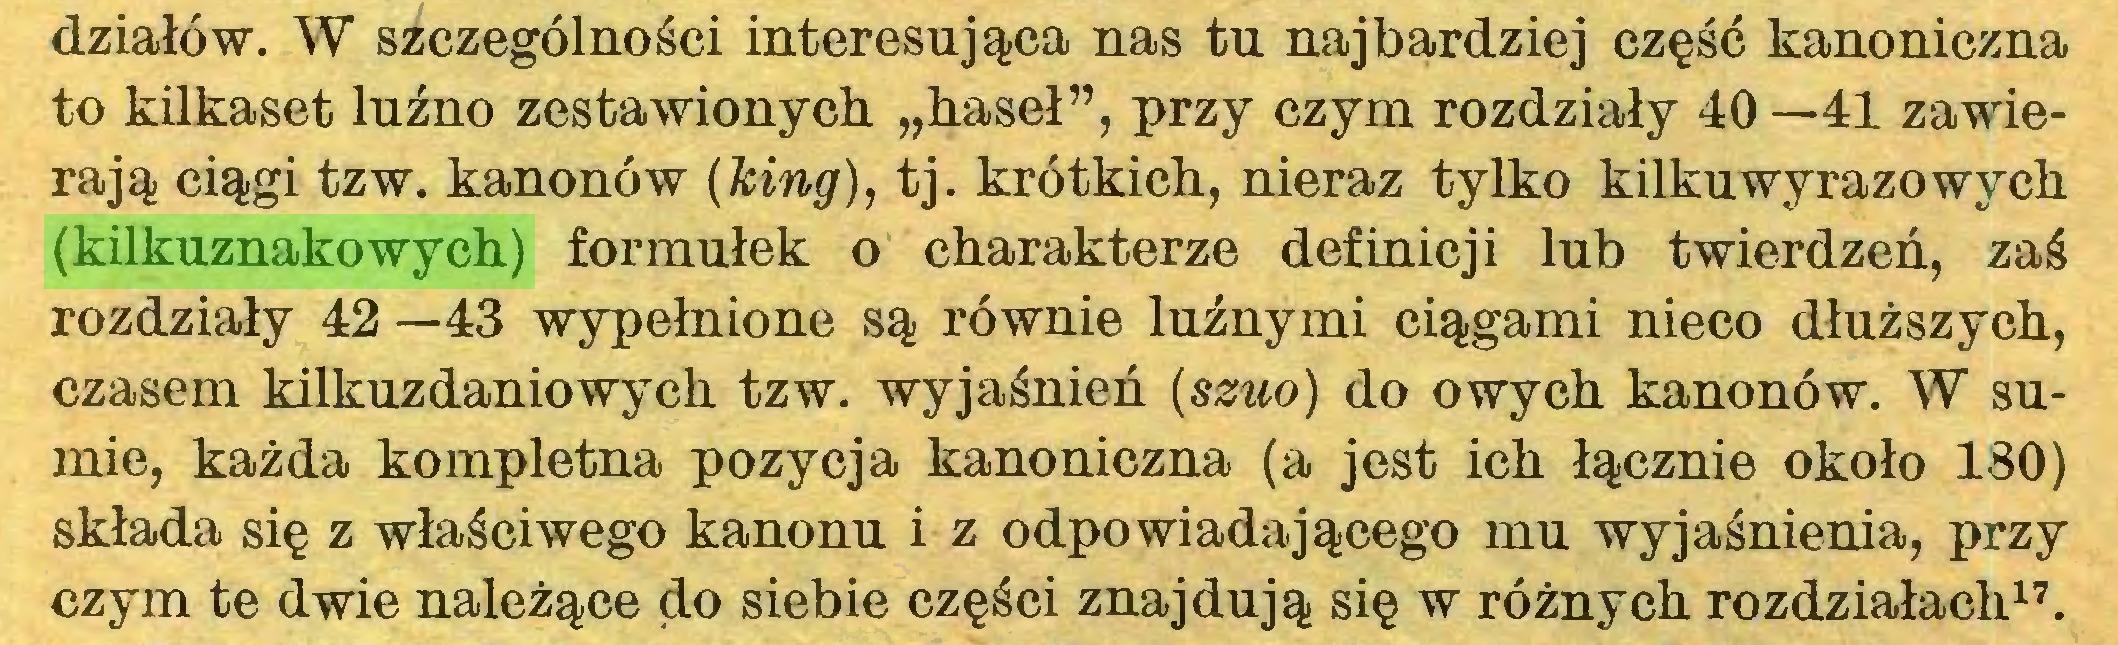 """(...) działów. W szczególności interesująca nas tu najbardziej część kanoniczna to kilkaset luźno zestawionych """"haseł"""", przy czym rozdziały 40—41 zawierają ciągi tzw. kanonów (king), tj. krótkich, nieraz tylko kilkuwyrazowych (kilkuznakowych) formułek o charakterze definicji lub twierdzeń, zaś rozdziały 42 —43 wypełnione są równie luźnymi ciągami nieco dłuższych, czasem kilkuzdaniowych tzw. wyjaśnień (szuo) do owych kanonów. W sumie, każda kompletna pozycja kanoniczna (a jest ich łącznie około 180) składa się z właściwego kanonu i z odpowiadającego mu wyjaśnienia, przy czym te dwie należące do siebie części znajdują się w różnych rozdziałach17..."""